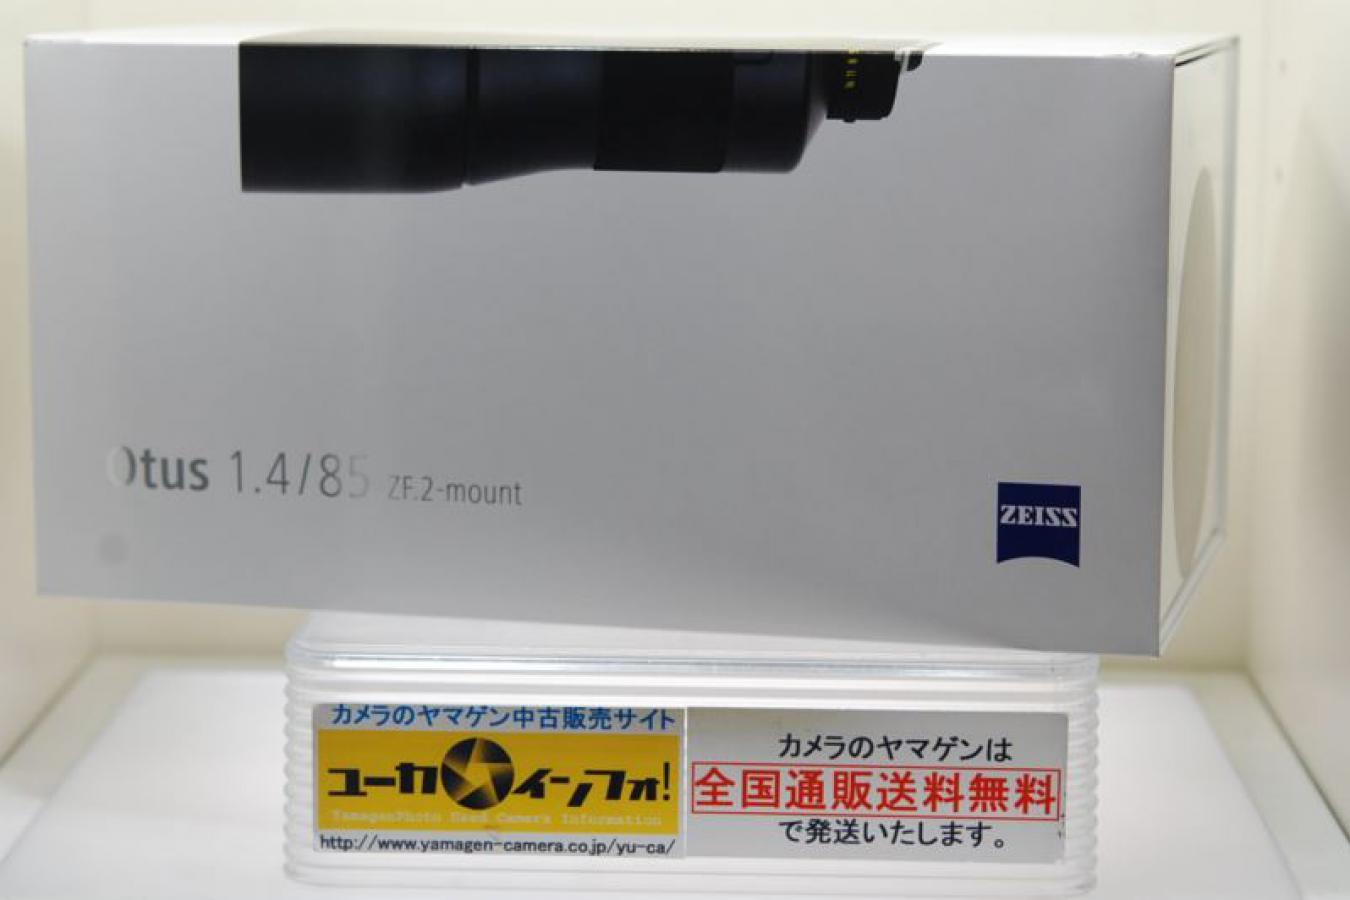 【完全新品】 ZEISS Otus 85mm F1.4 ZF.2 ニコン用